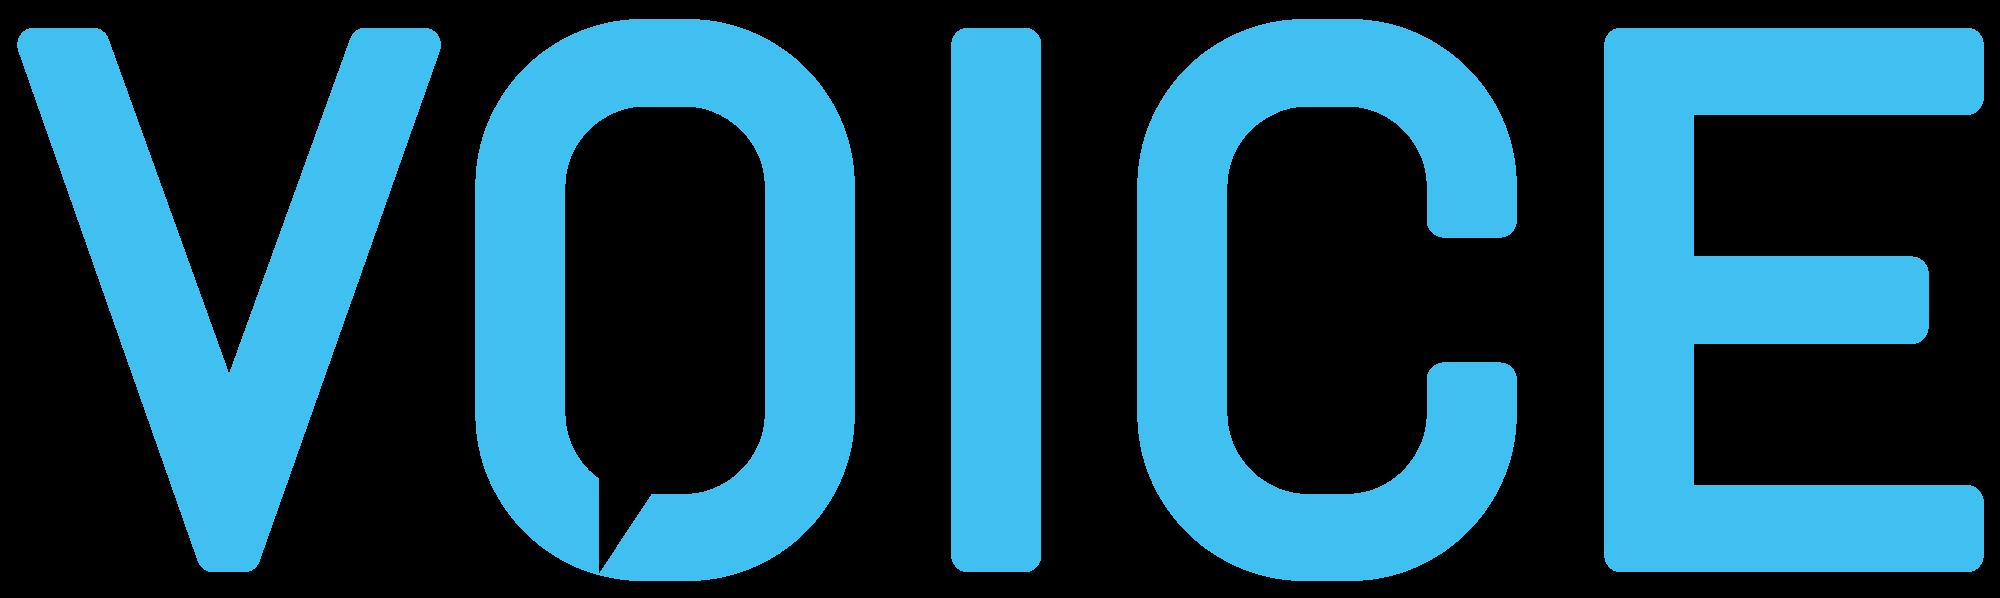 voice_logo_blue_transparent.png